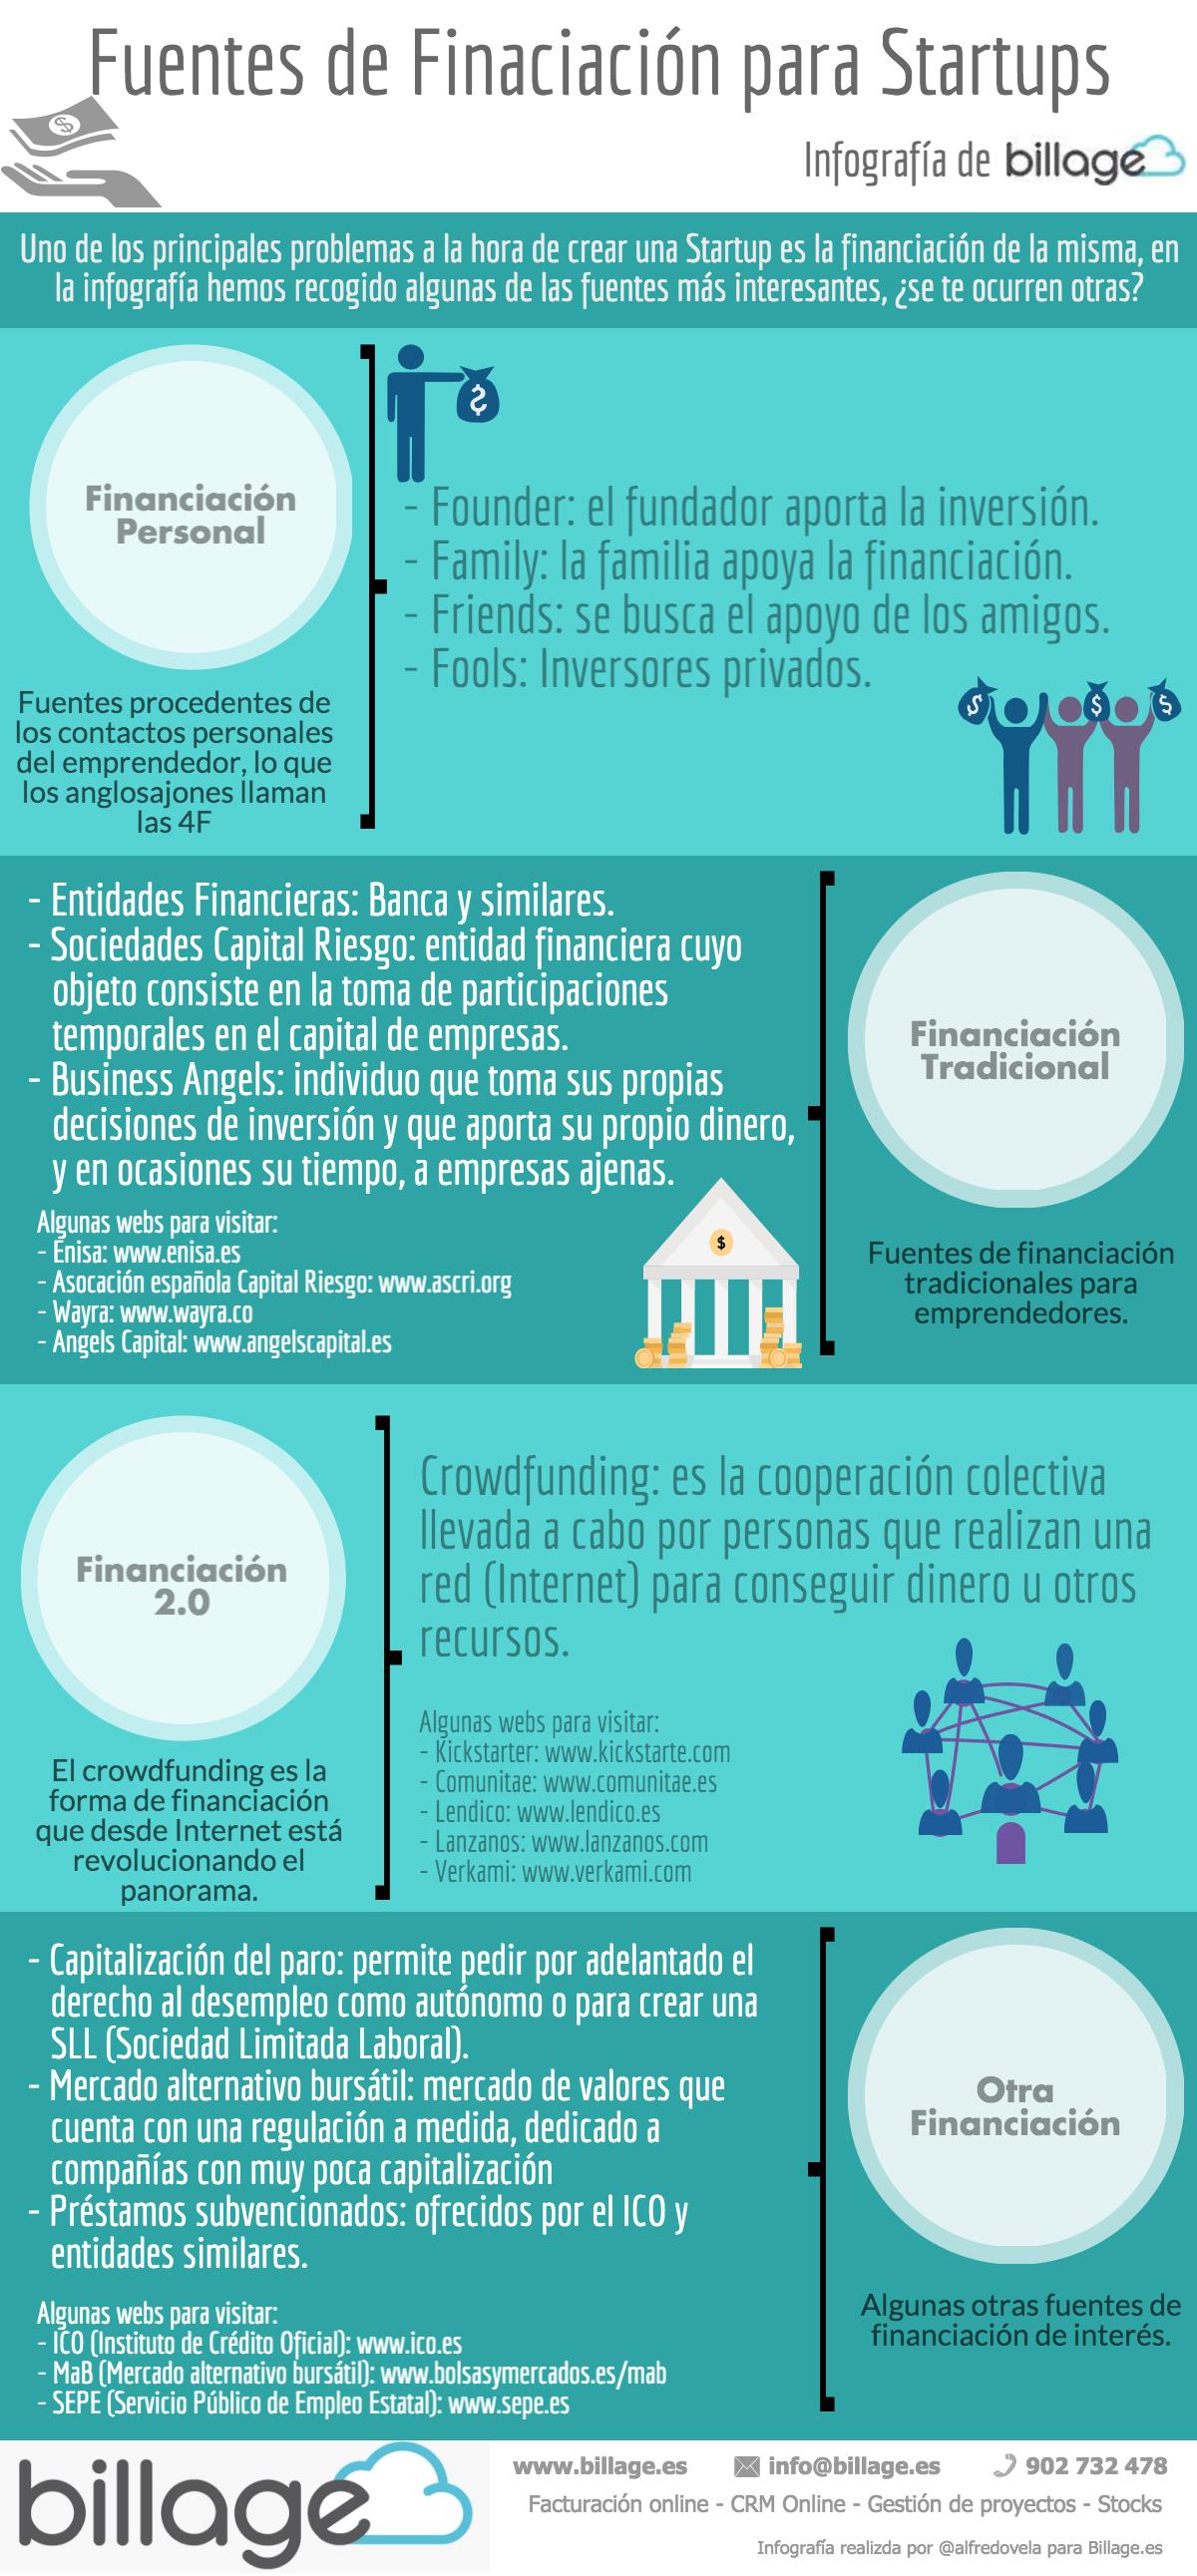 Fuentes de Financiación para Startups